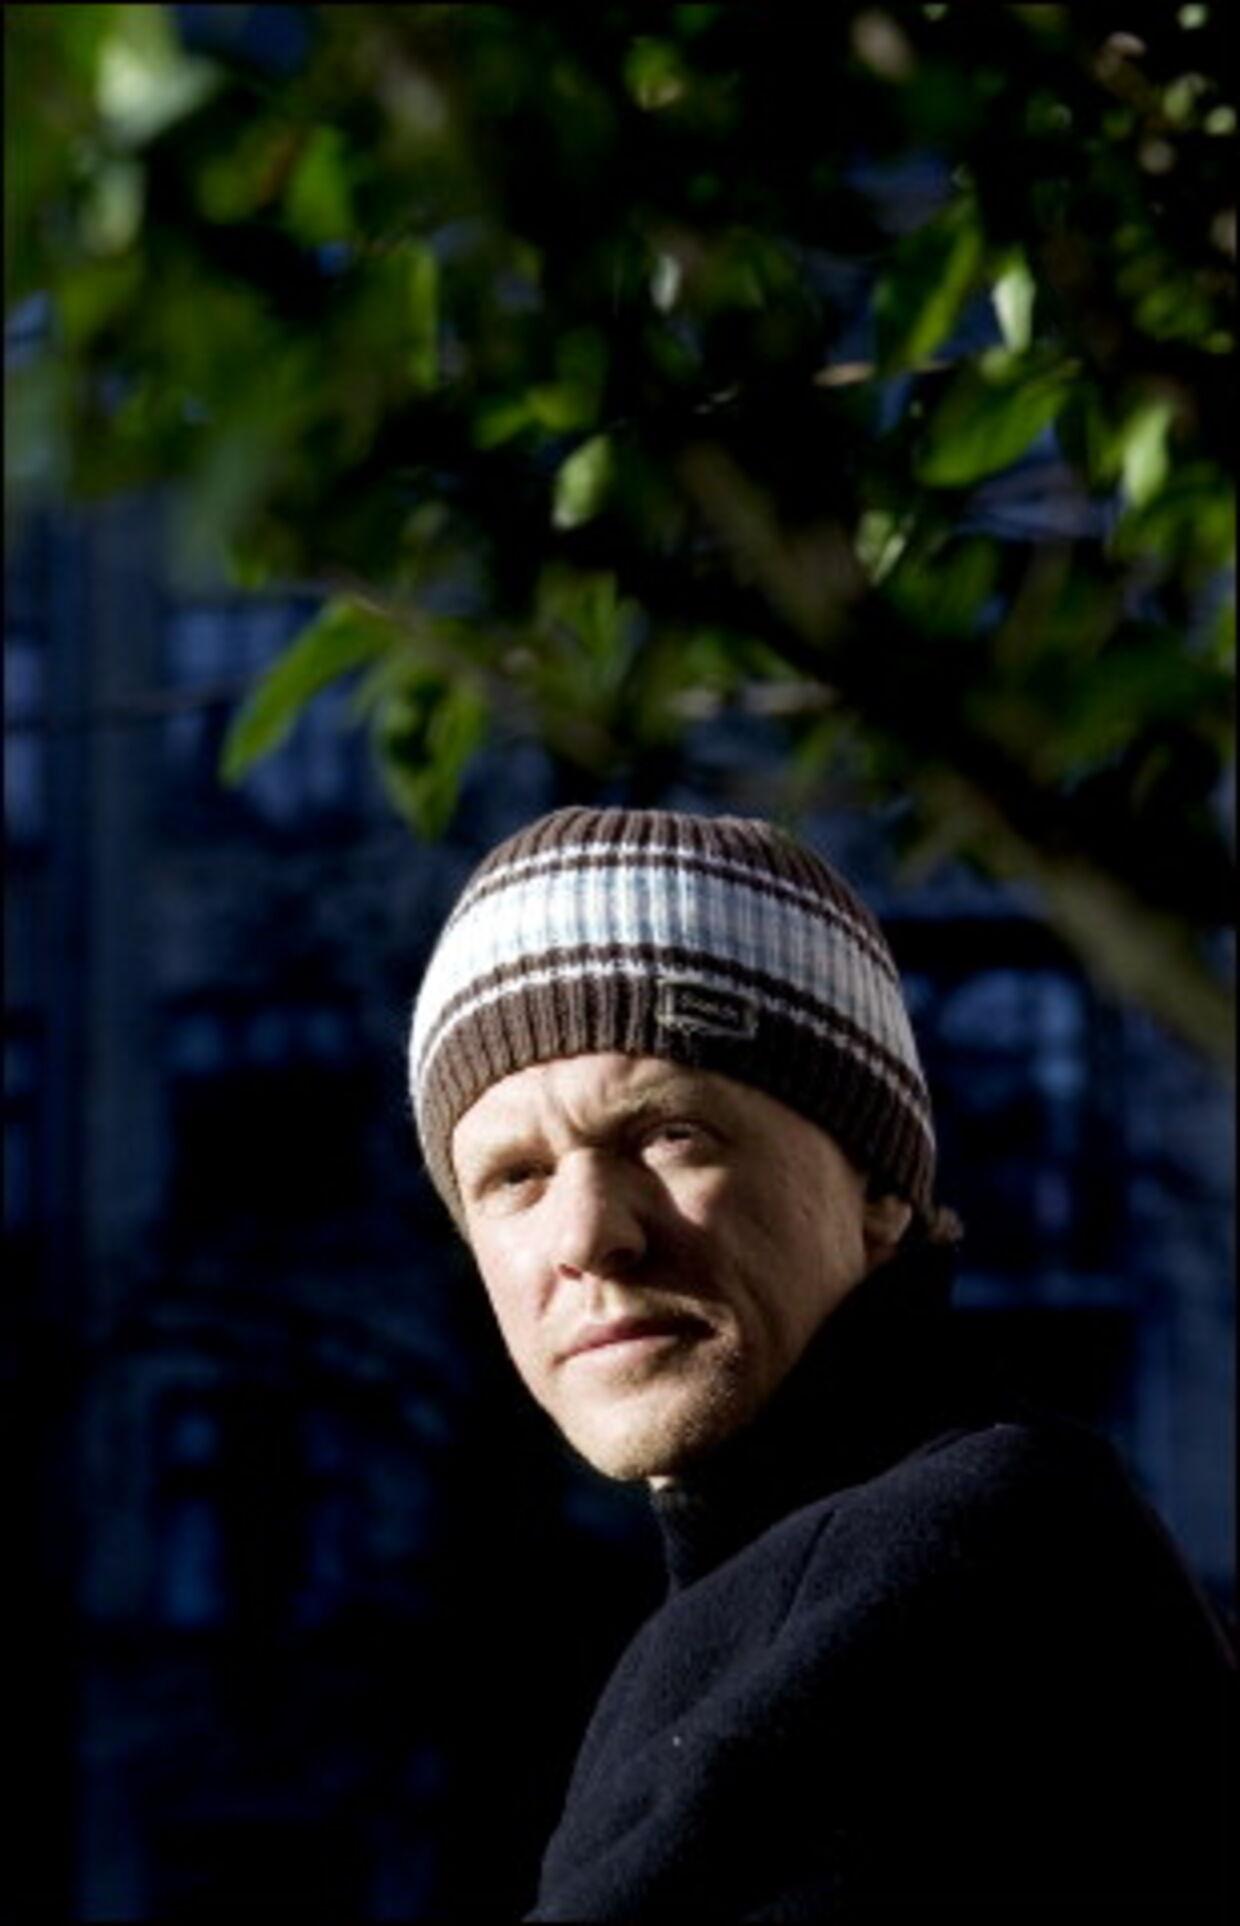 Efter hans største succesår, 2004, søger Anders Matthesen nu nye udfordringer og siger nej til de nemme løsninger. <br>Foto: Jeppe Carlsen